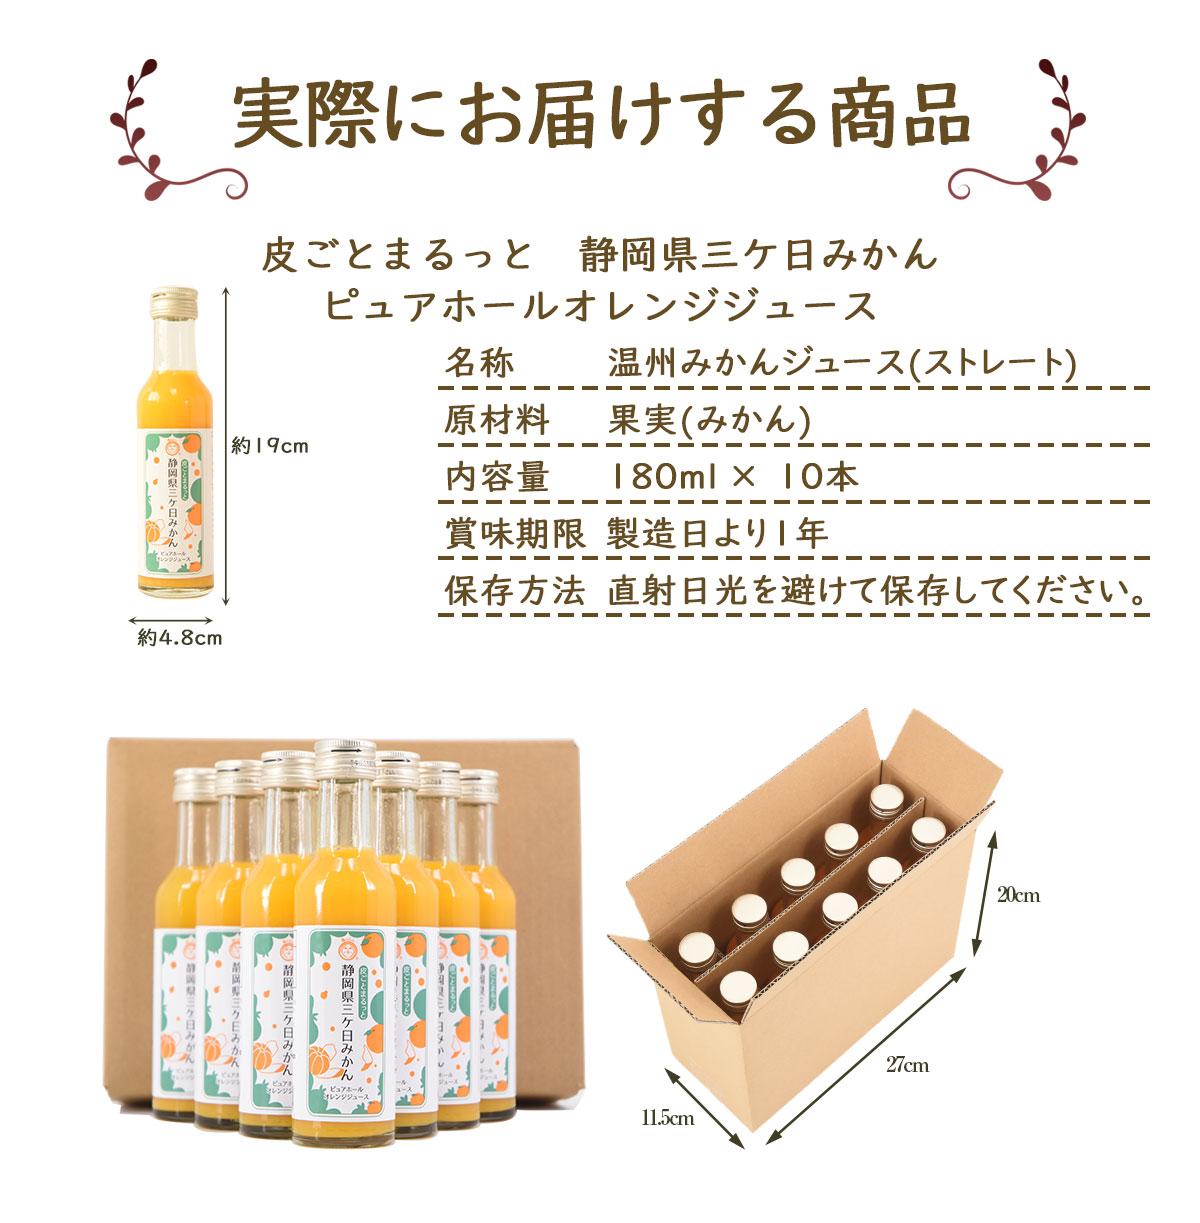 皮ごとまるっと 静岡県三ケ日みかんピュアホールオレンジジュース10本入り